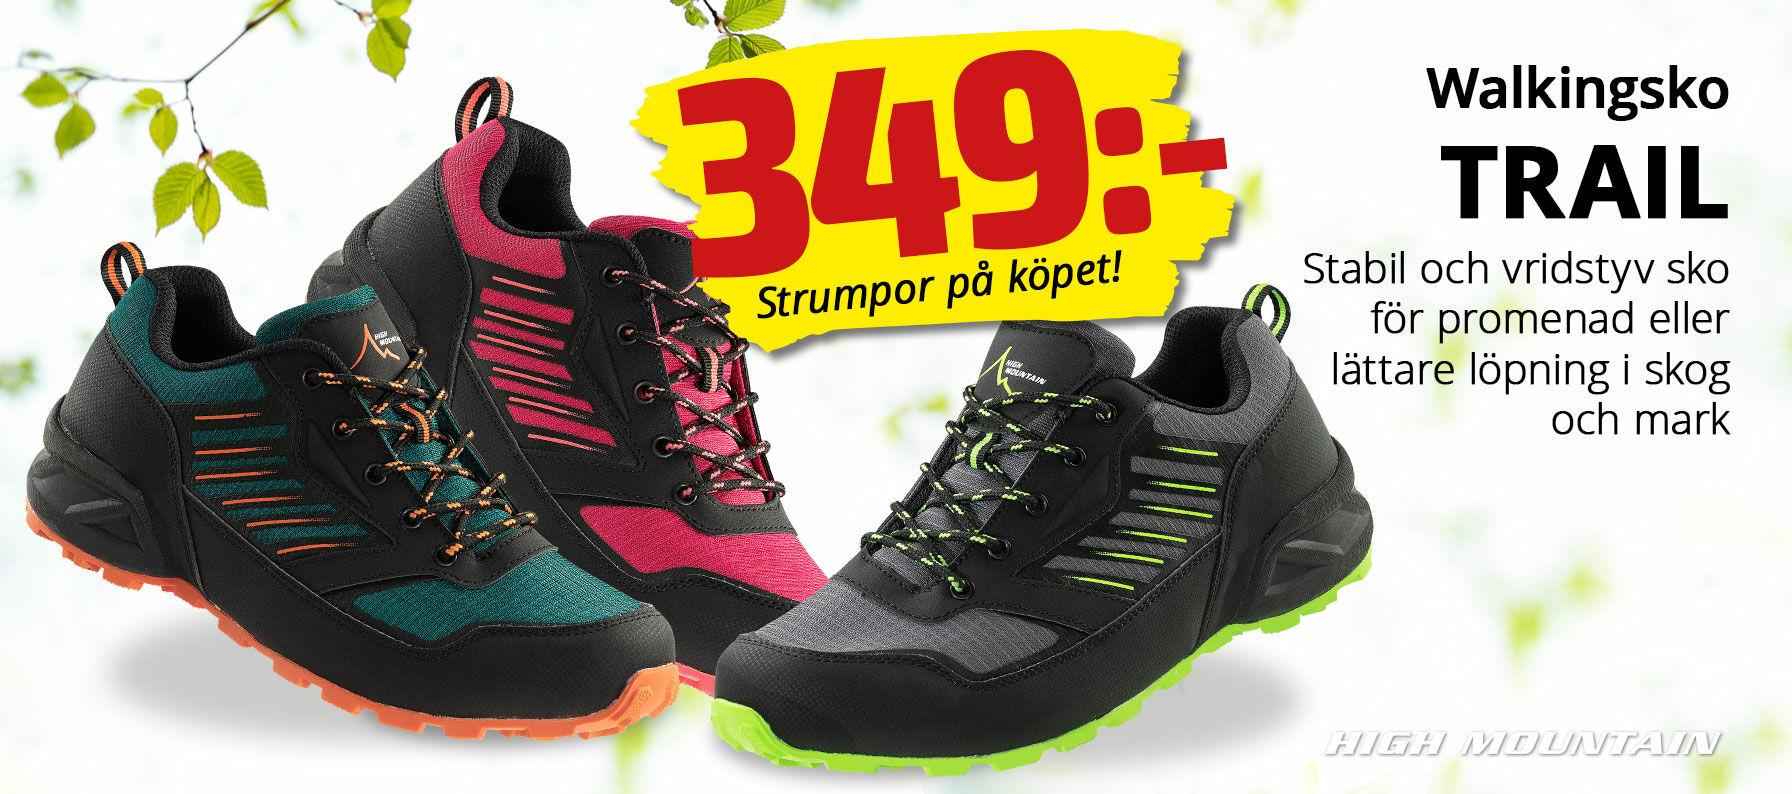 Stabil och vridstyv sko för promenader och lättare löpning i skog och mark